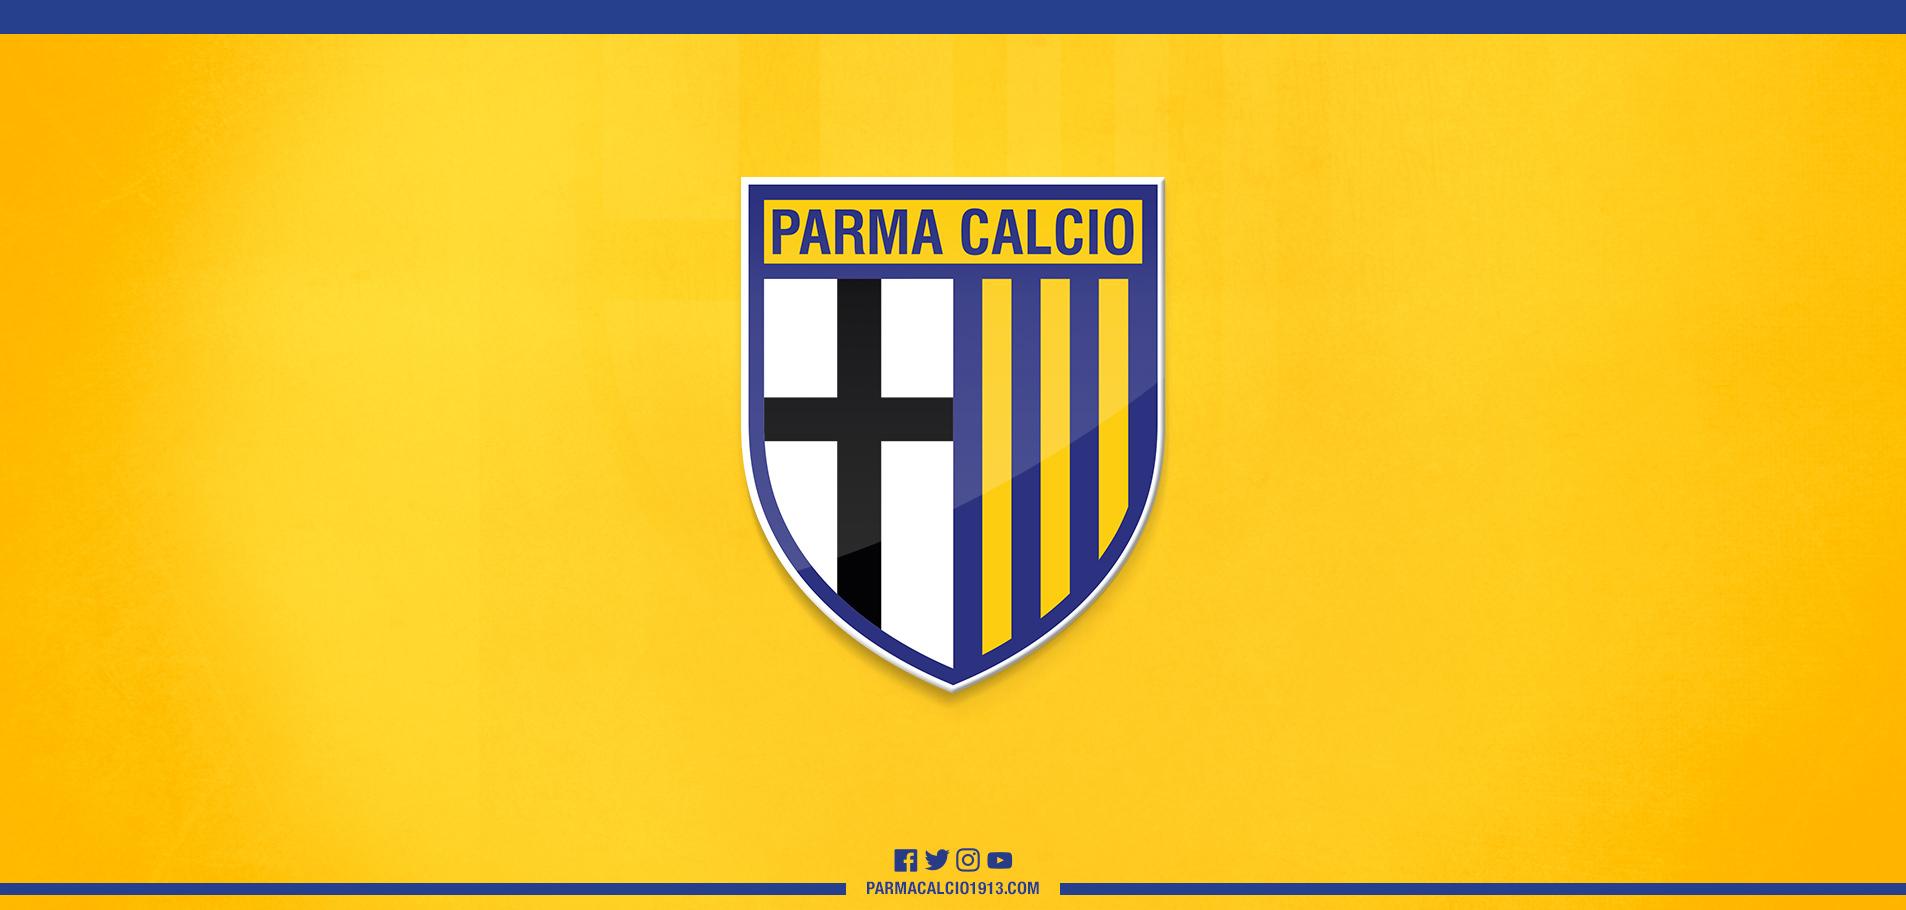 Serie A 2018/2019, focus Parma: i ducali al gran ritorno nella massima serie